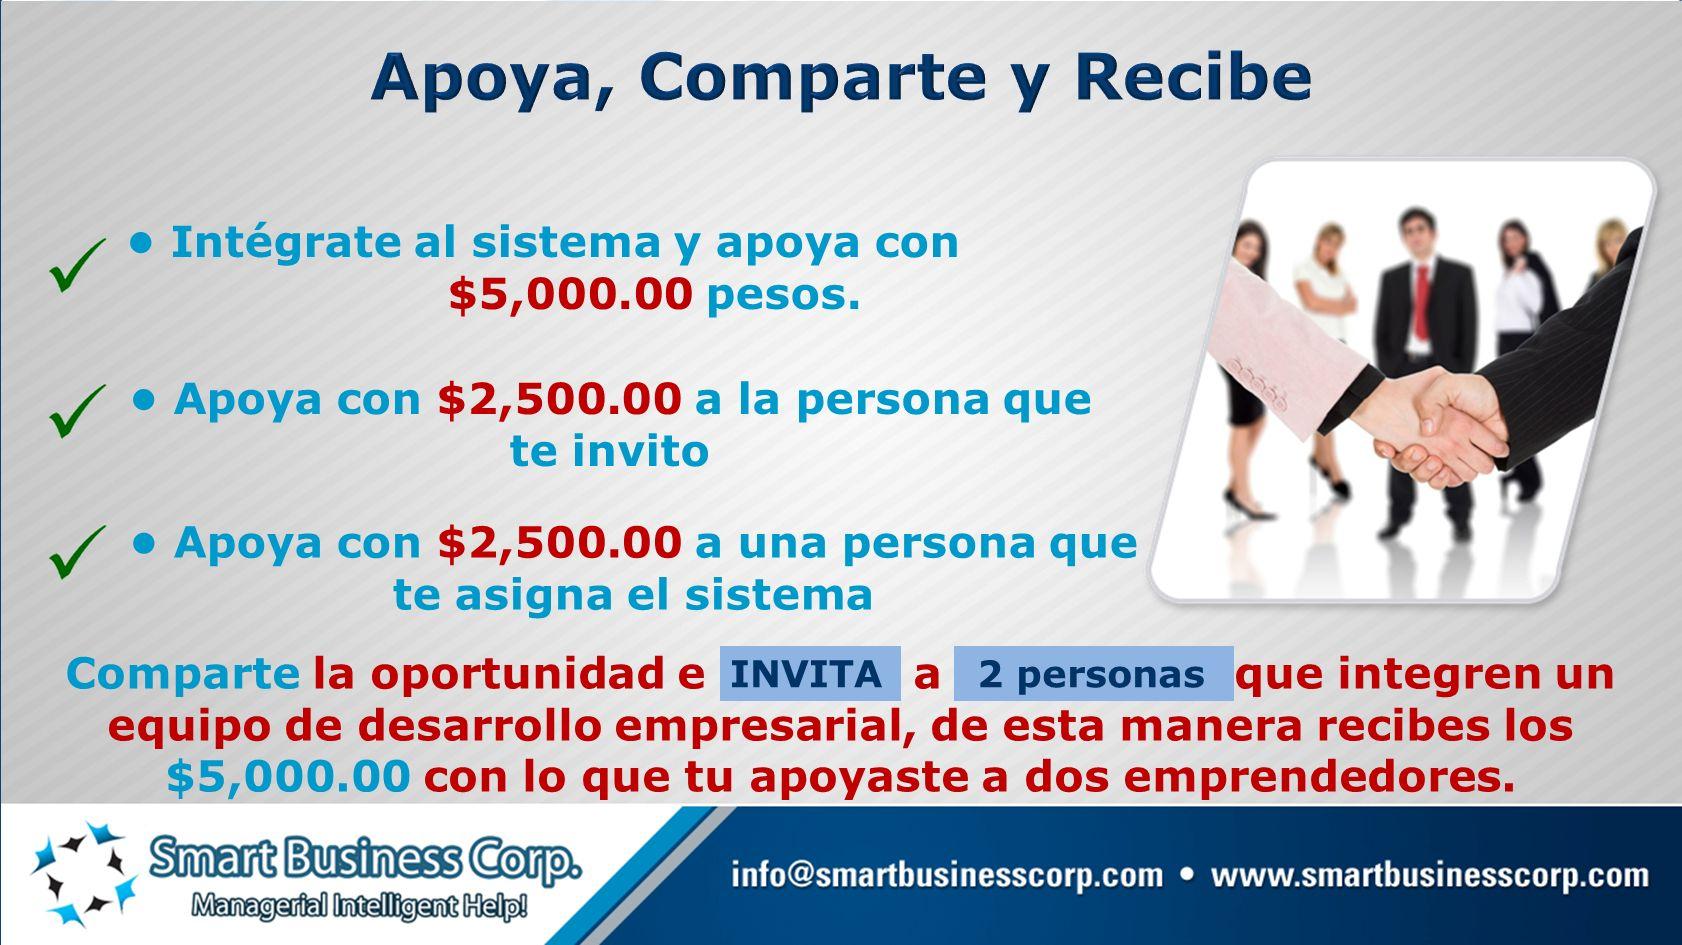 Intégrate al sistema y apoya con $5,000.00 pesos. Comparte la oportunidad e INVITA a 2 personas que integren un equipo de desarrollo empresarial, de e